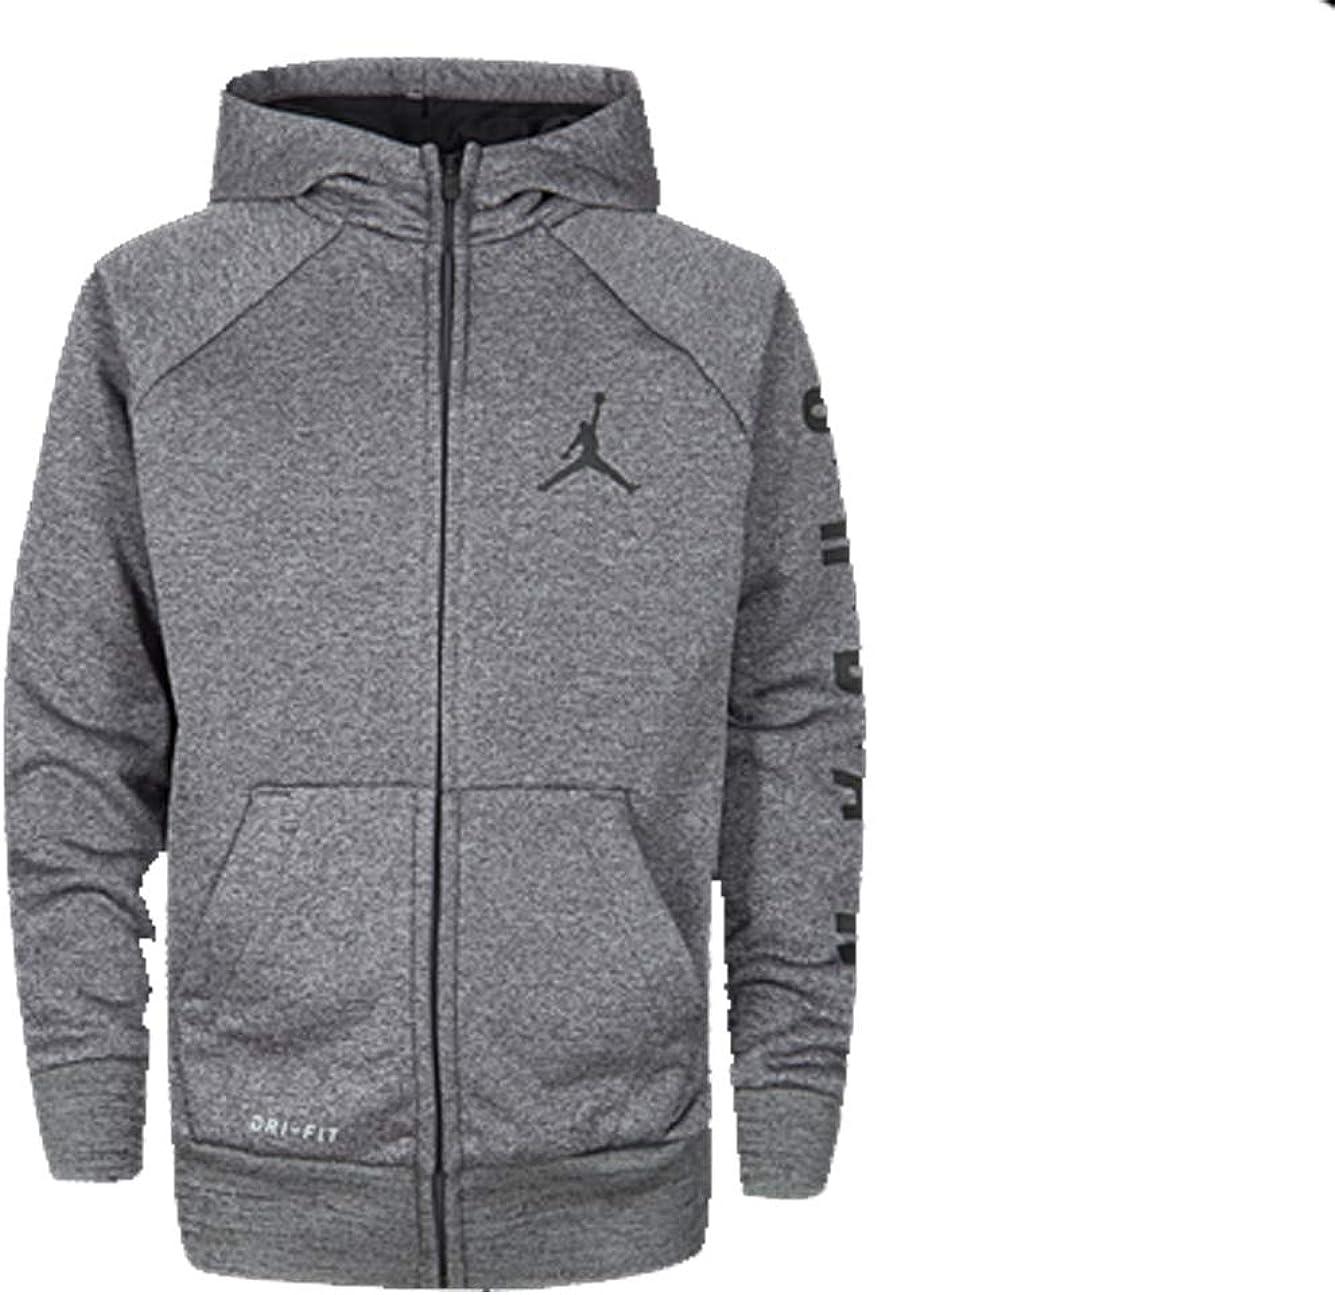 Nike Air Jordan Big Boys' Dri-Fit Therma Zip Hoodie